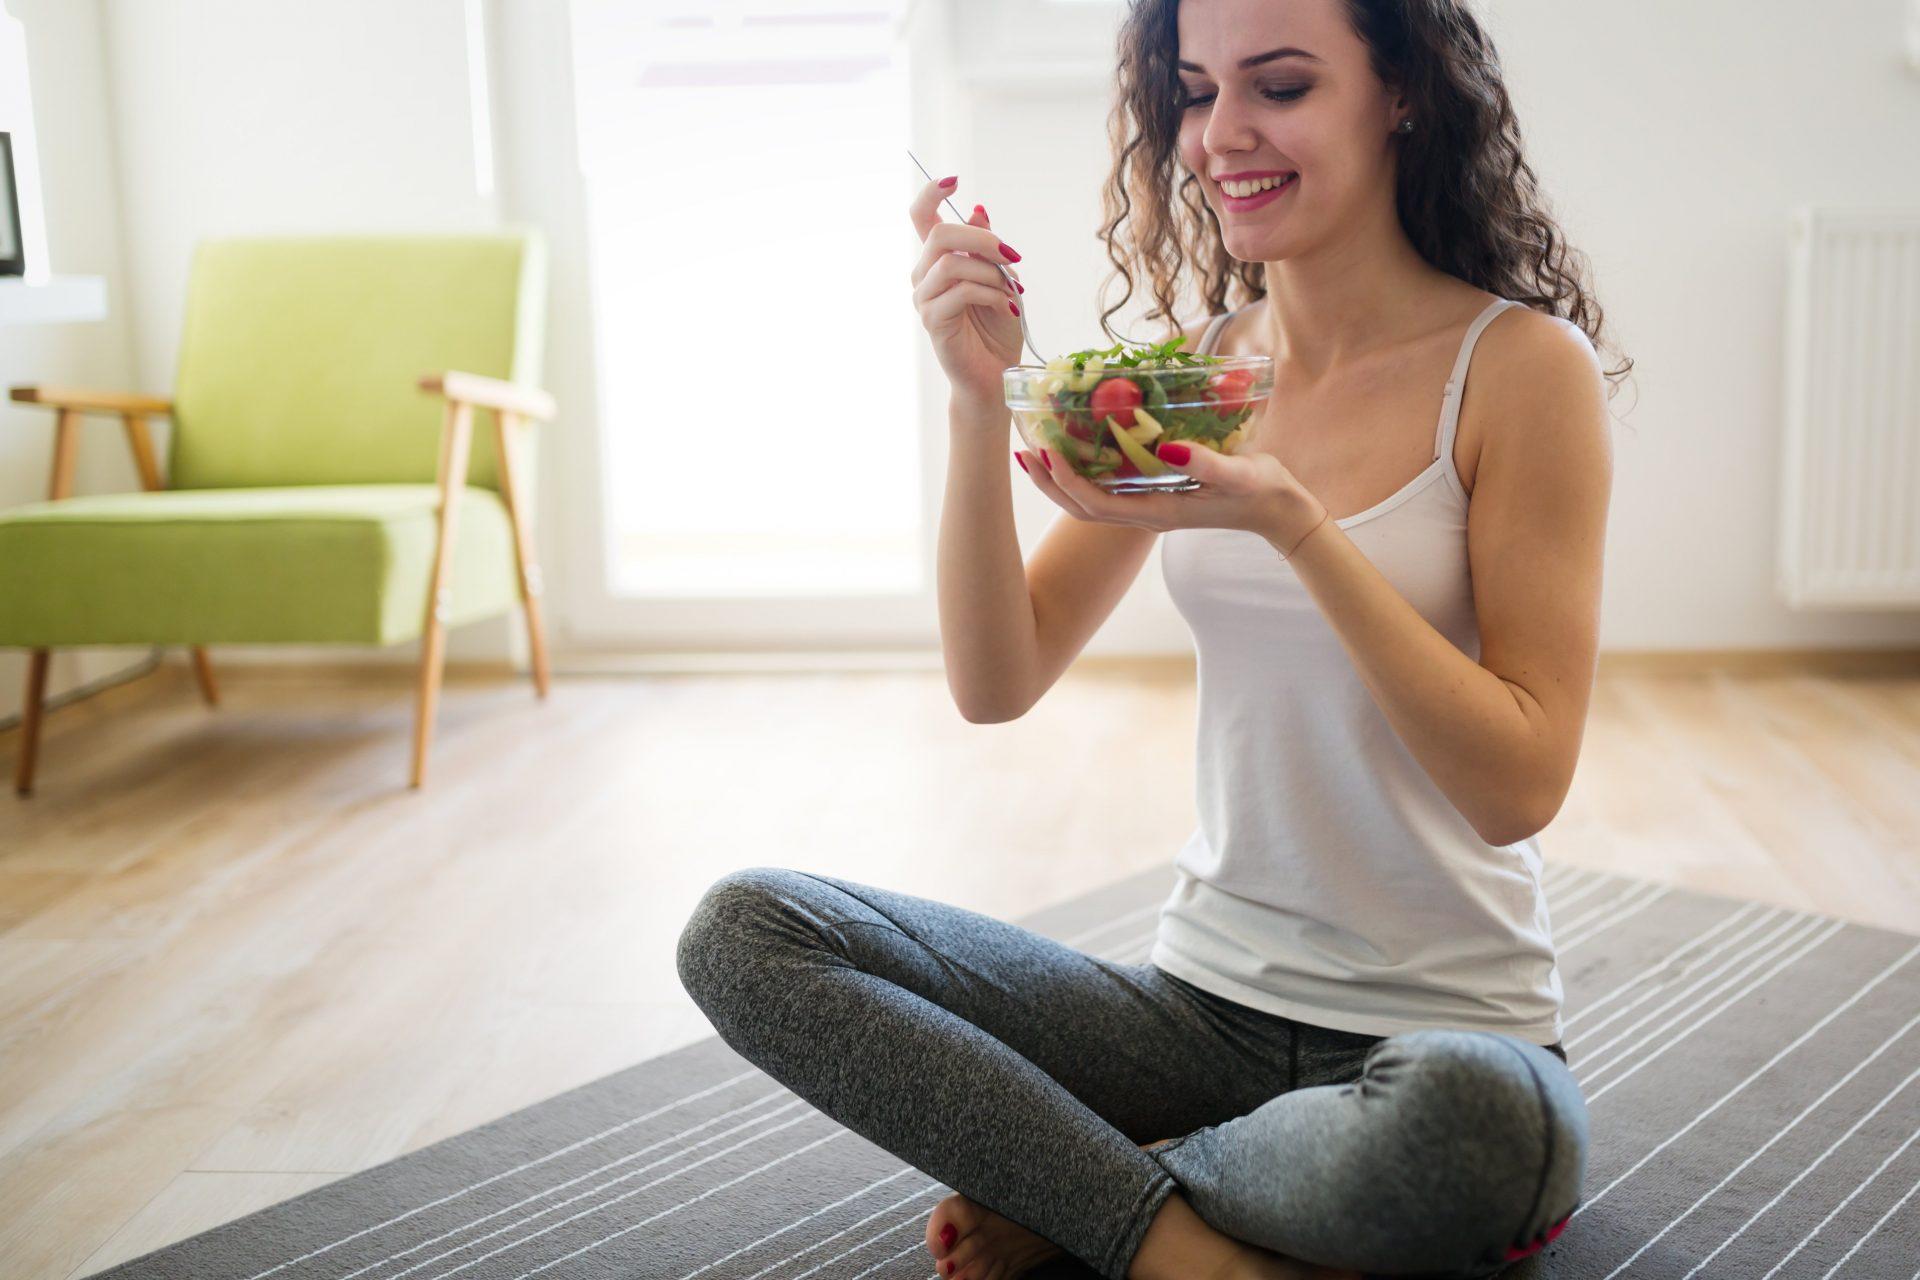 healthy eating online personal trainer in Abu Dhabi UAE